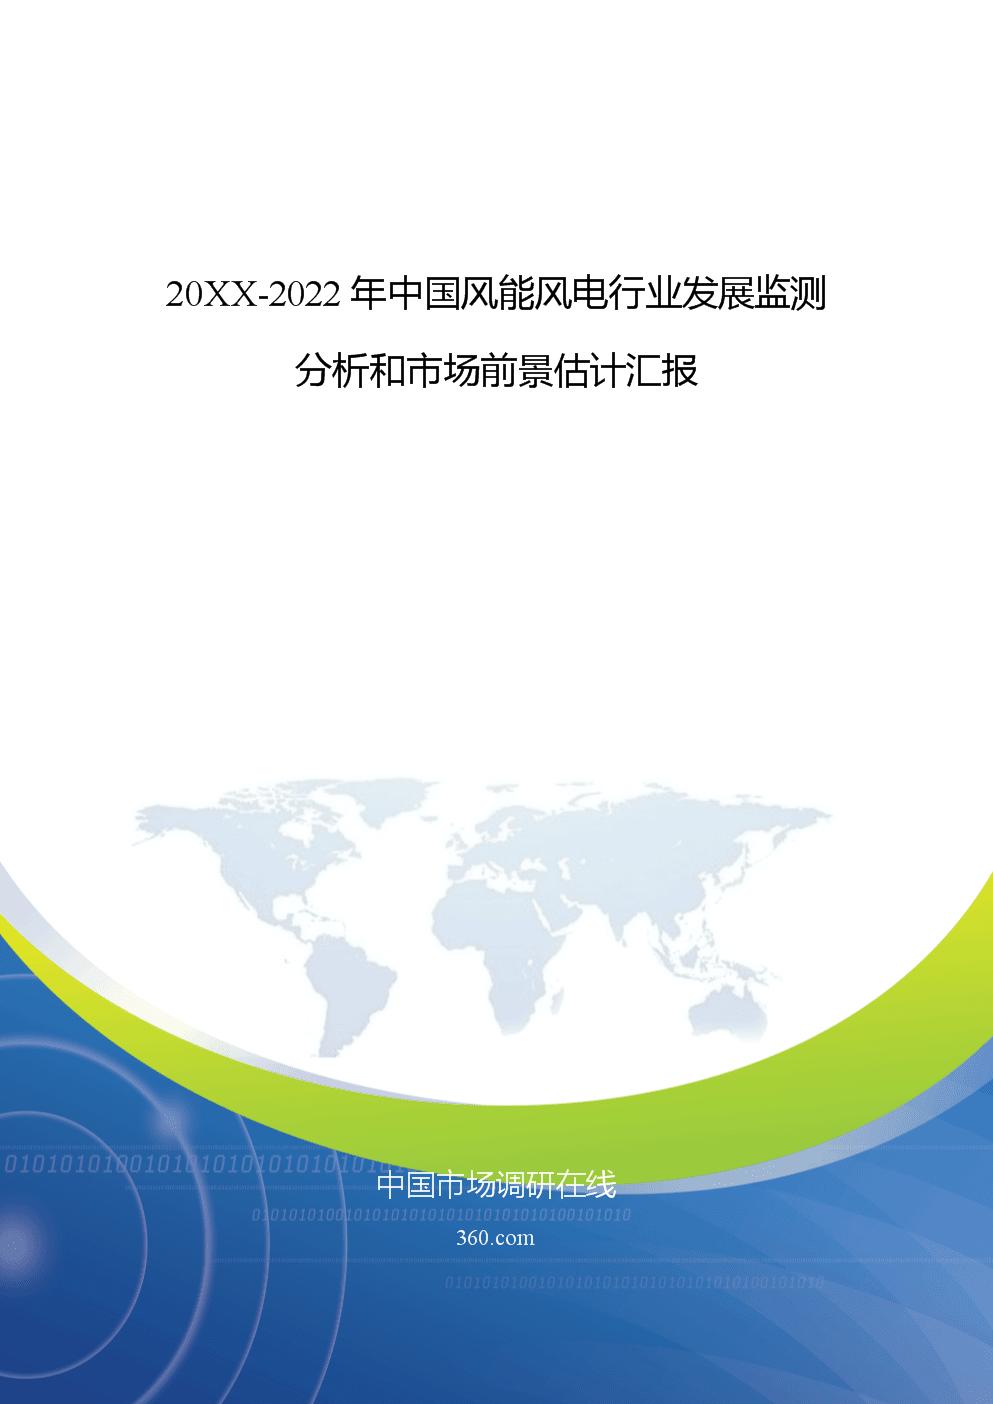 发展监测分析与市场前景预测报告调查研究报告表格模.docx